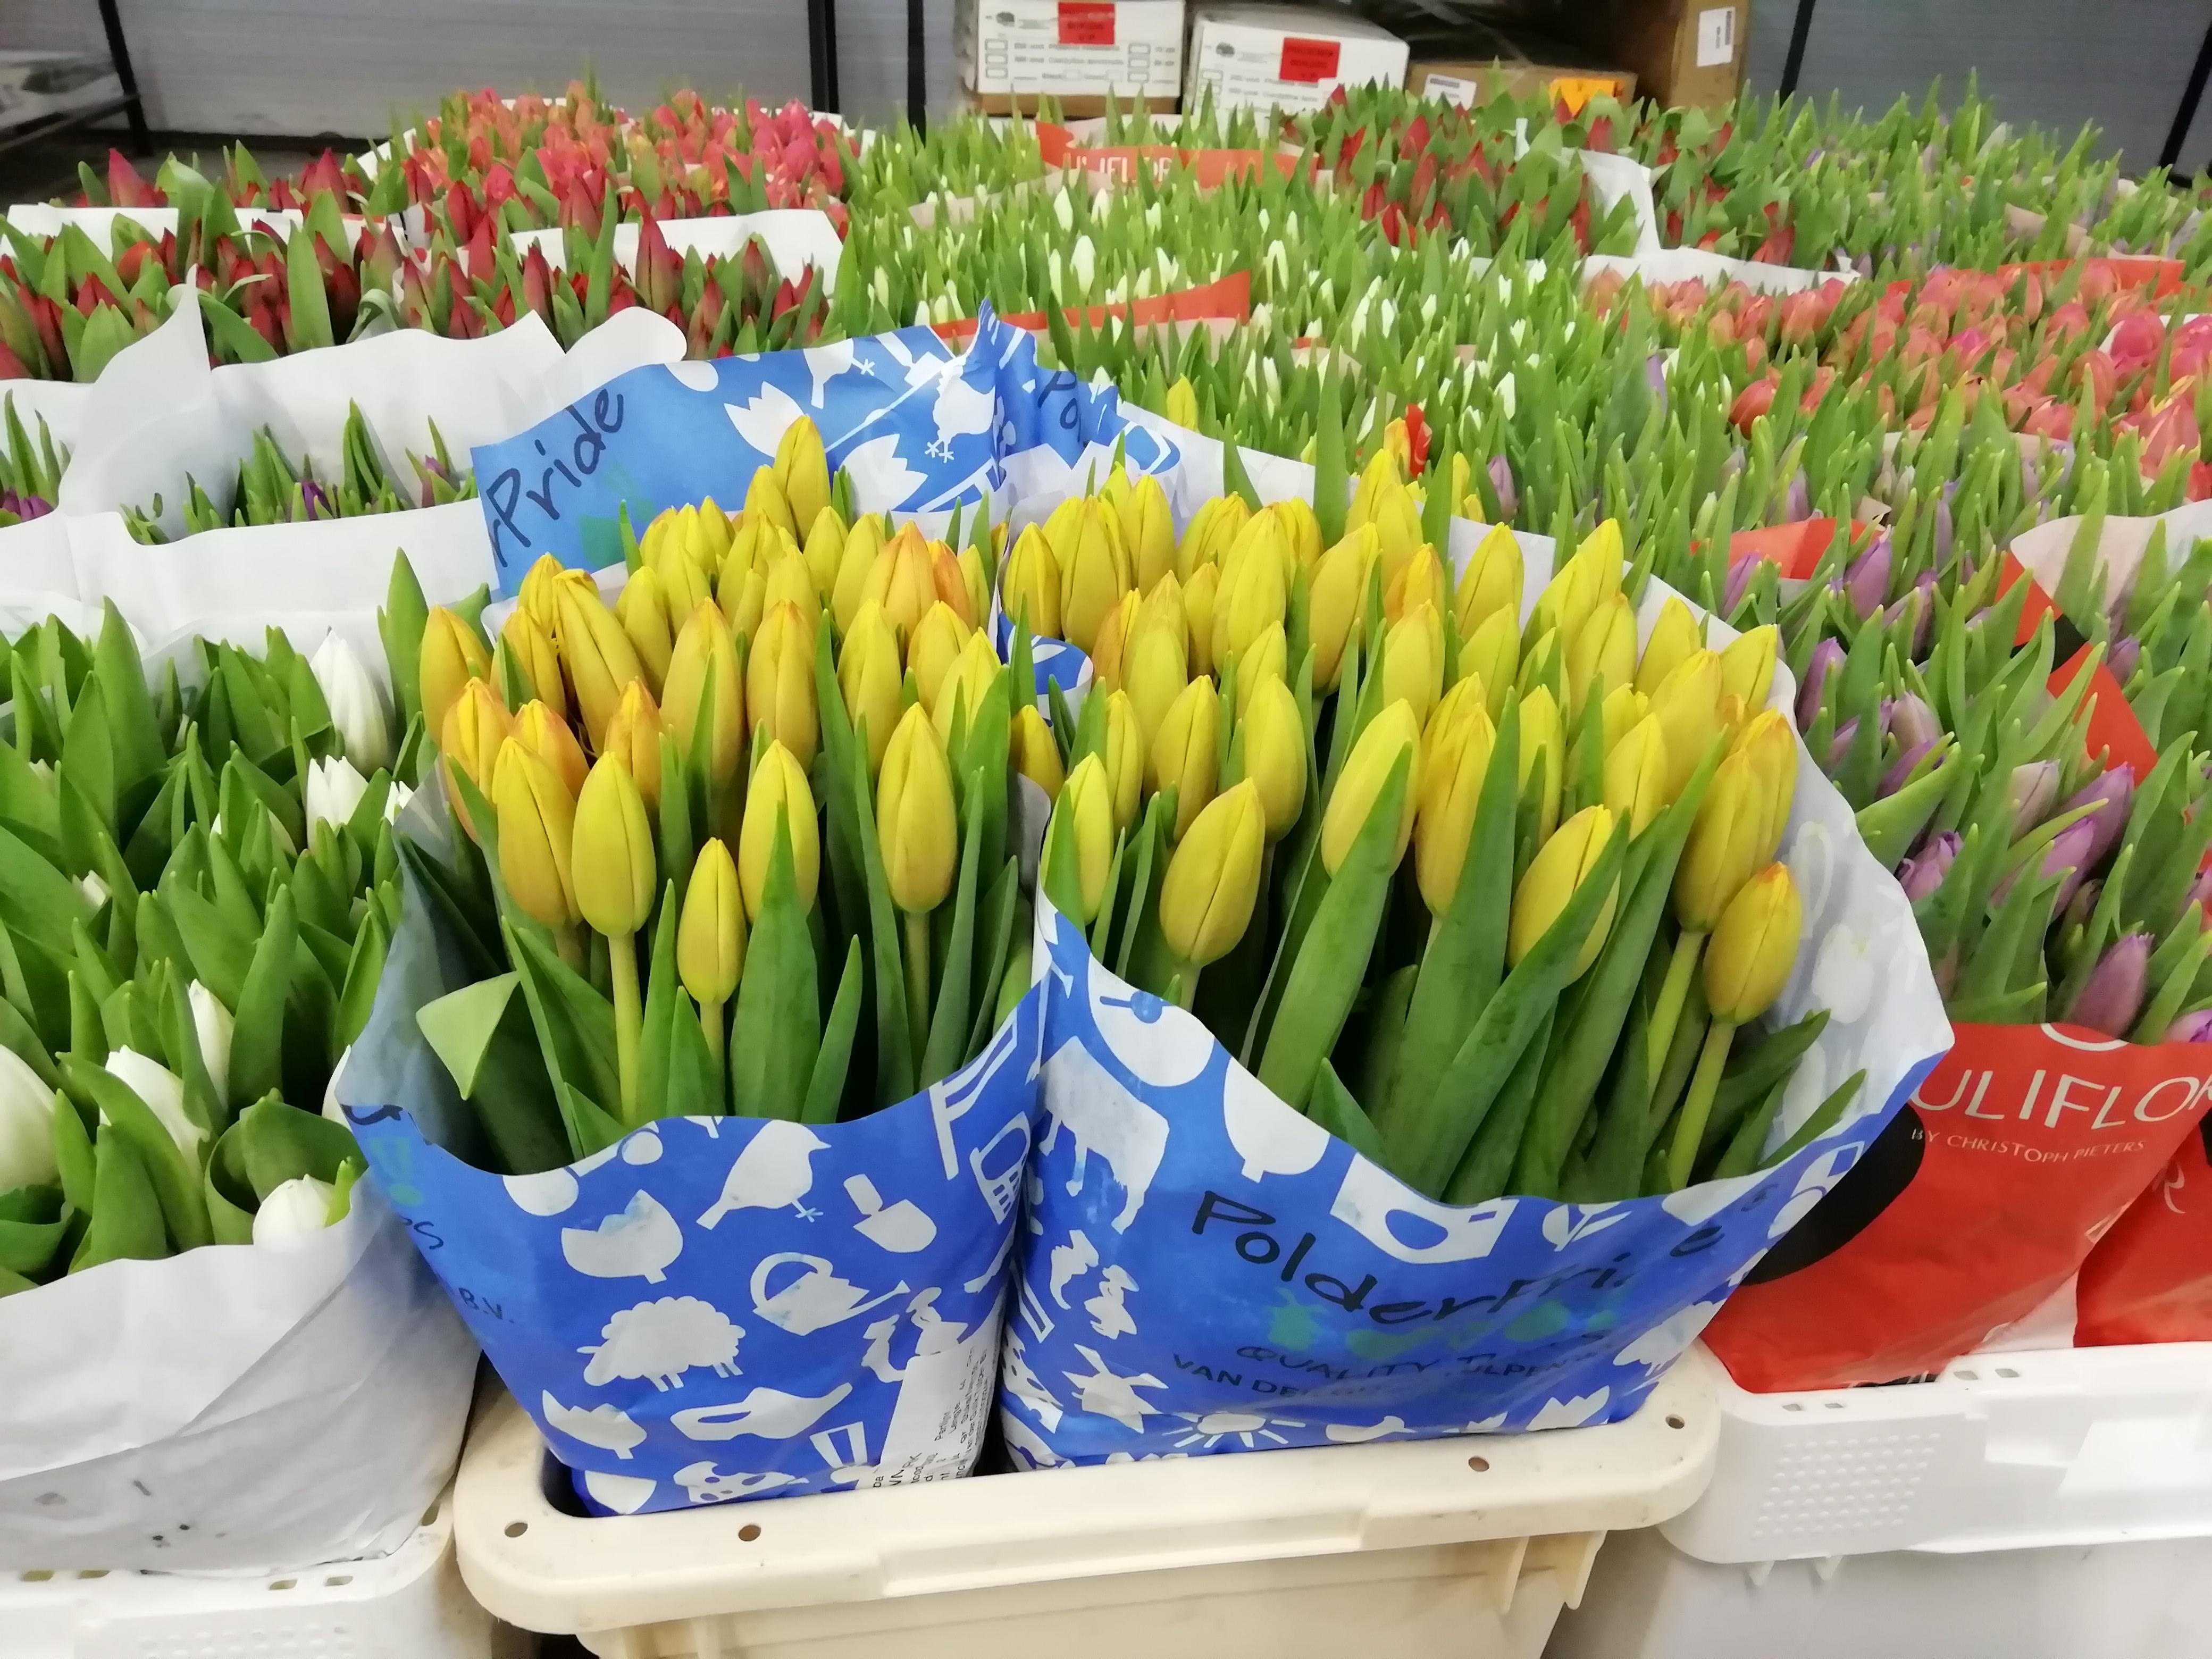 Мошенничество накануне 8 марта: женщина заплатила 13 тысяч гривен за несуществующие тюльпаны